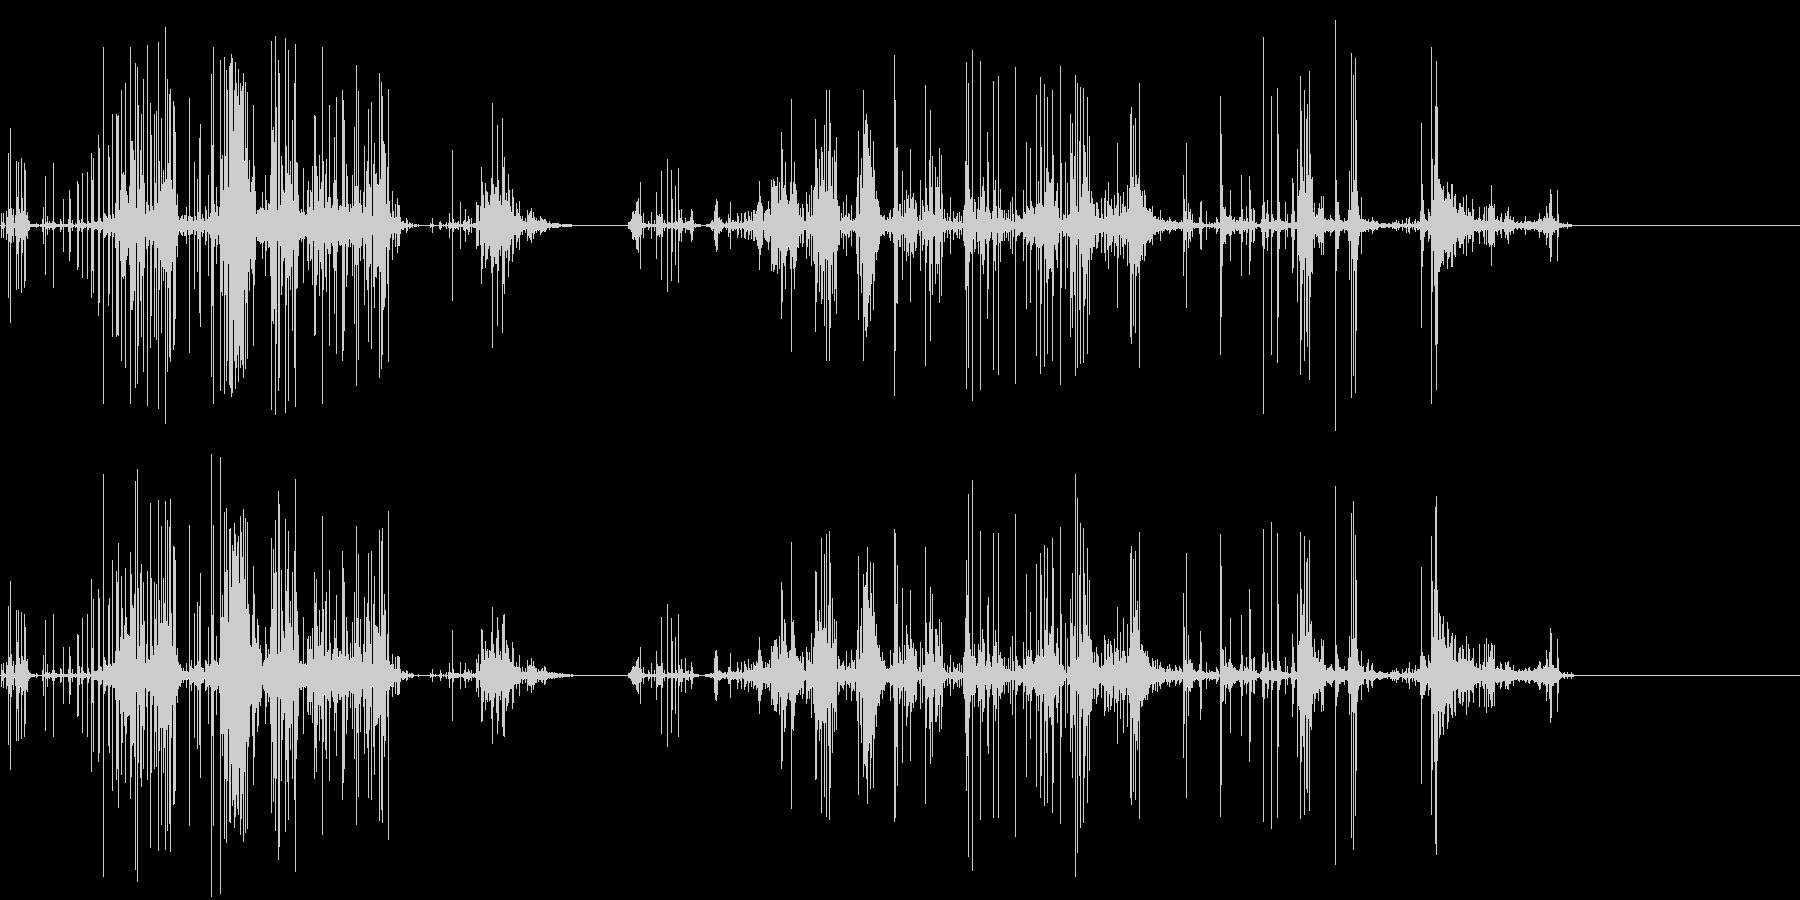 グチュグチュグチュ…の未再生の波形